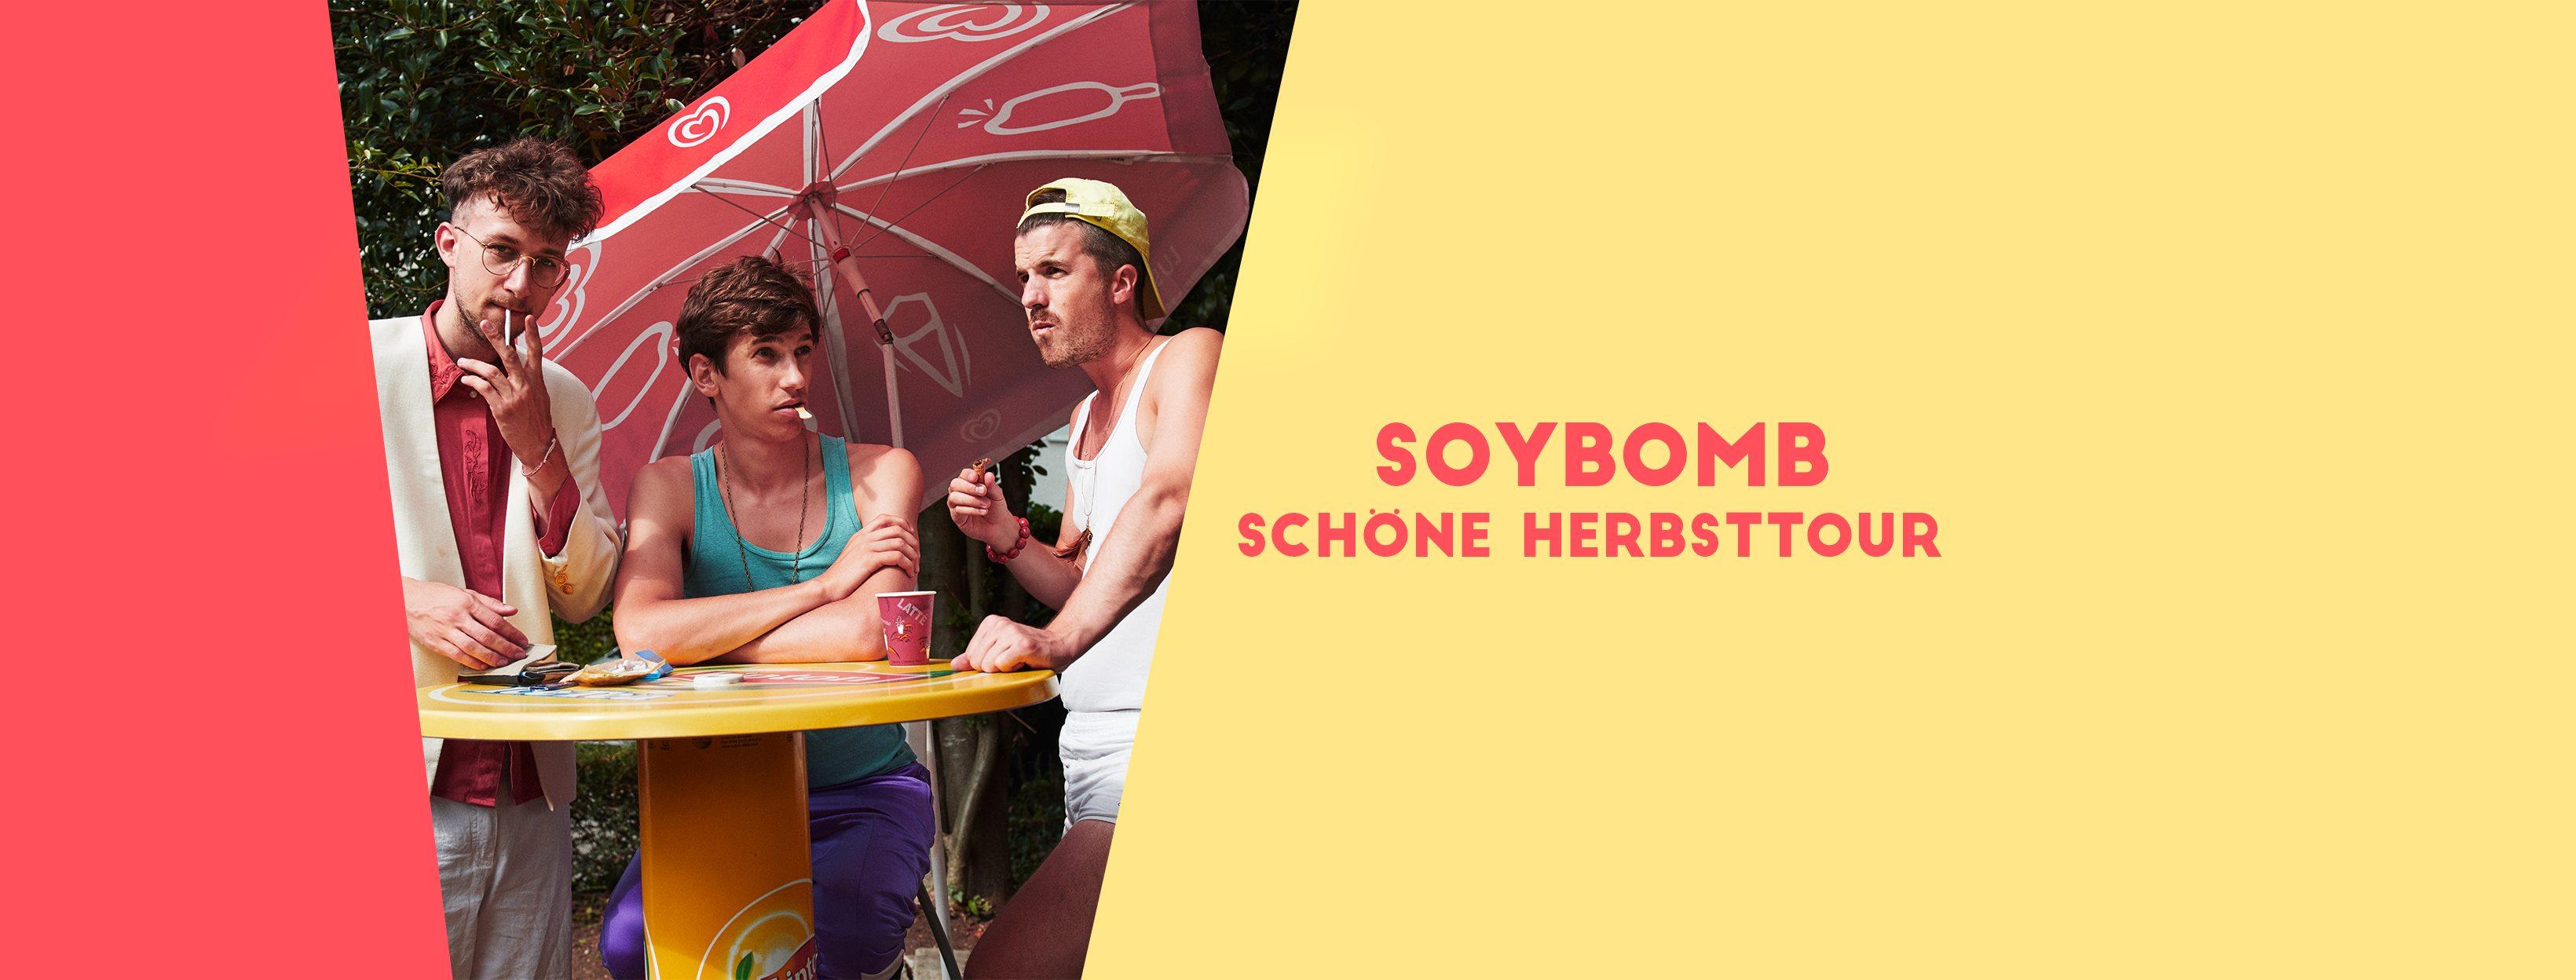 Soybomb